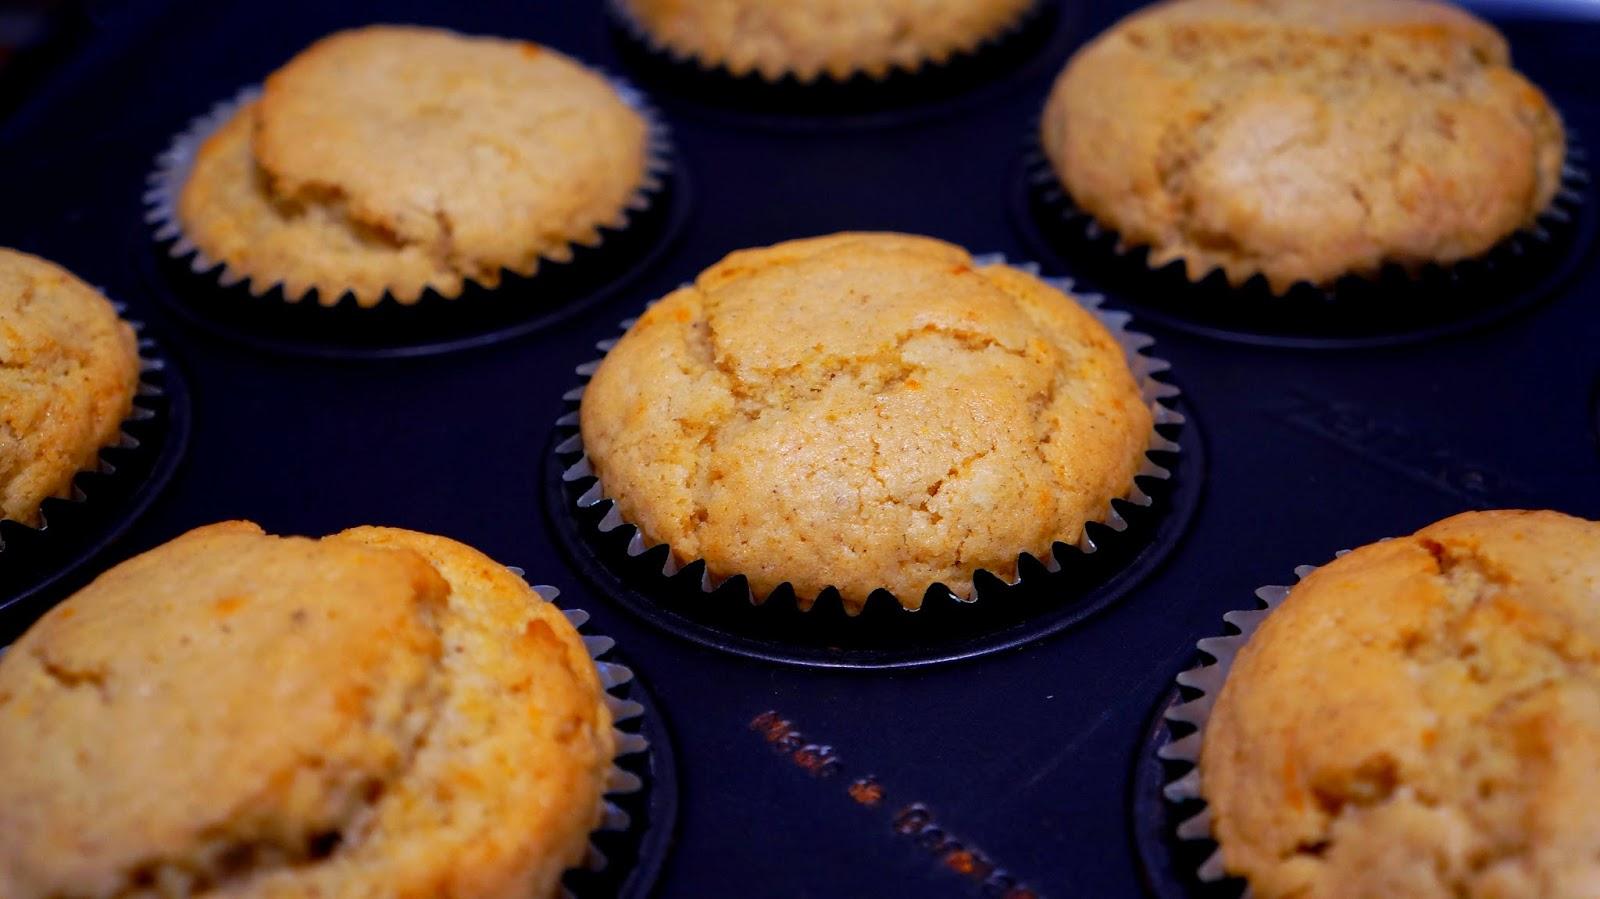 vegane muffins basis rezept kuchenfee lisa. Black Bedroom Furniture Sets. Home Design Ideas